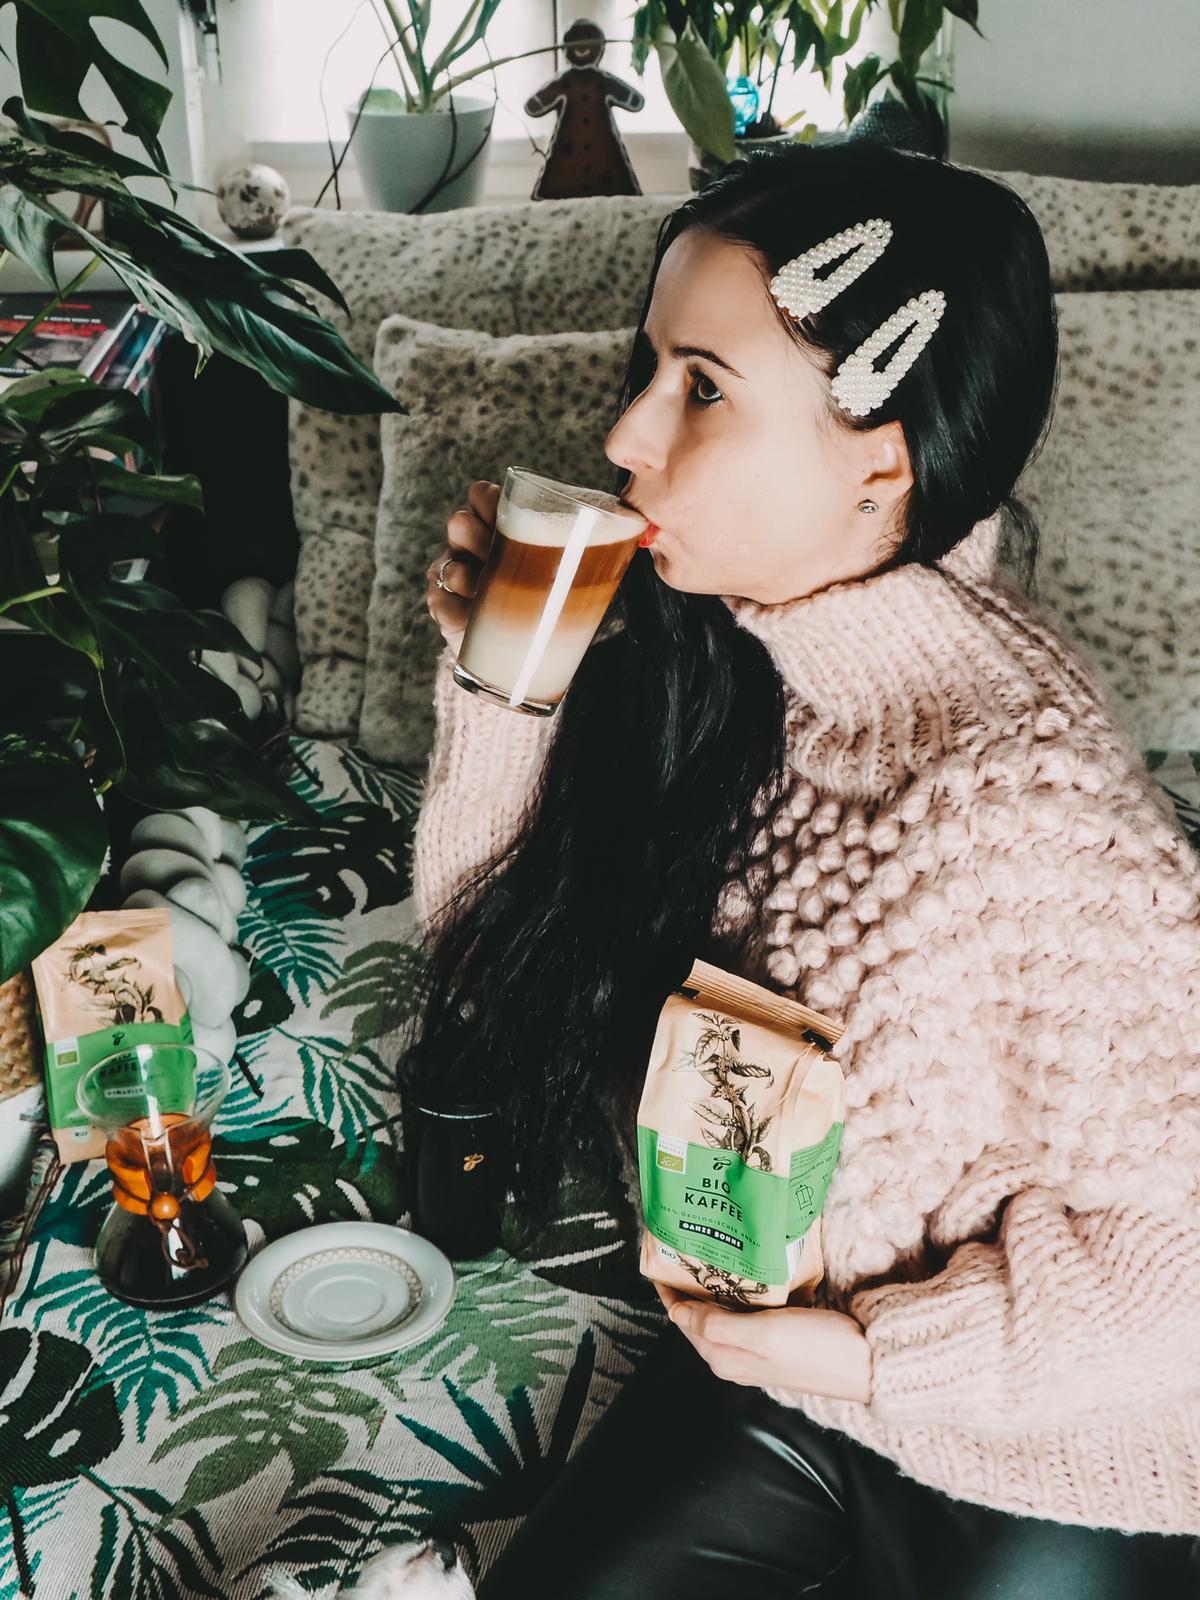 Der Bio Kaffee von Tchibo ist ein Genuss für besondere Momente.